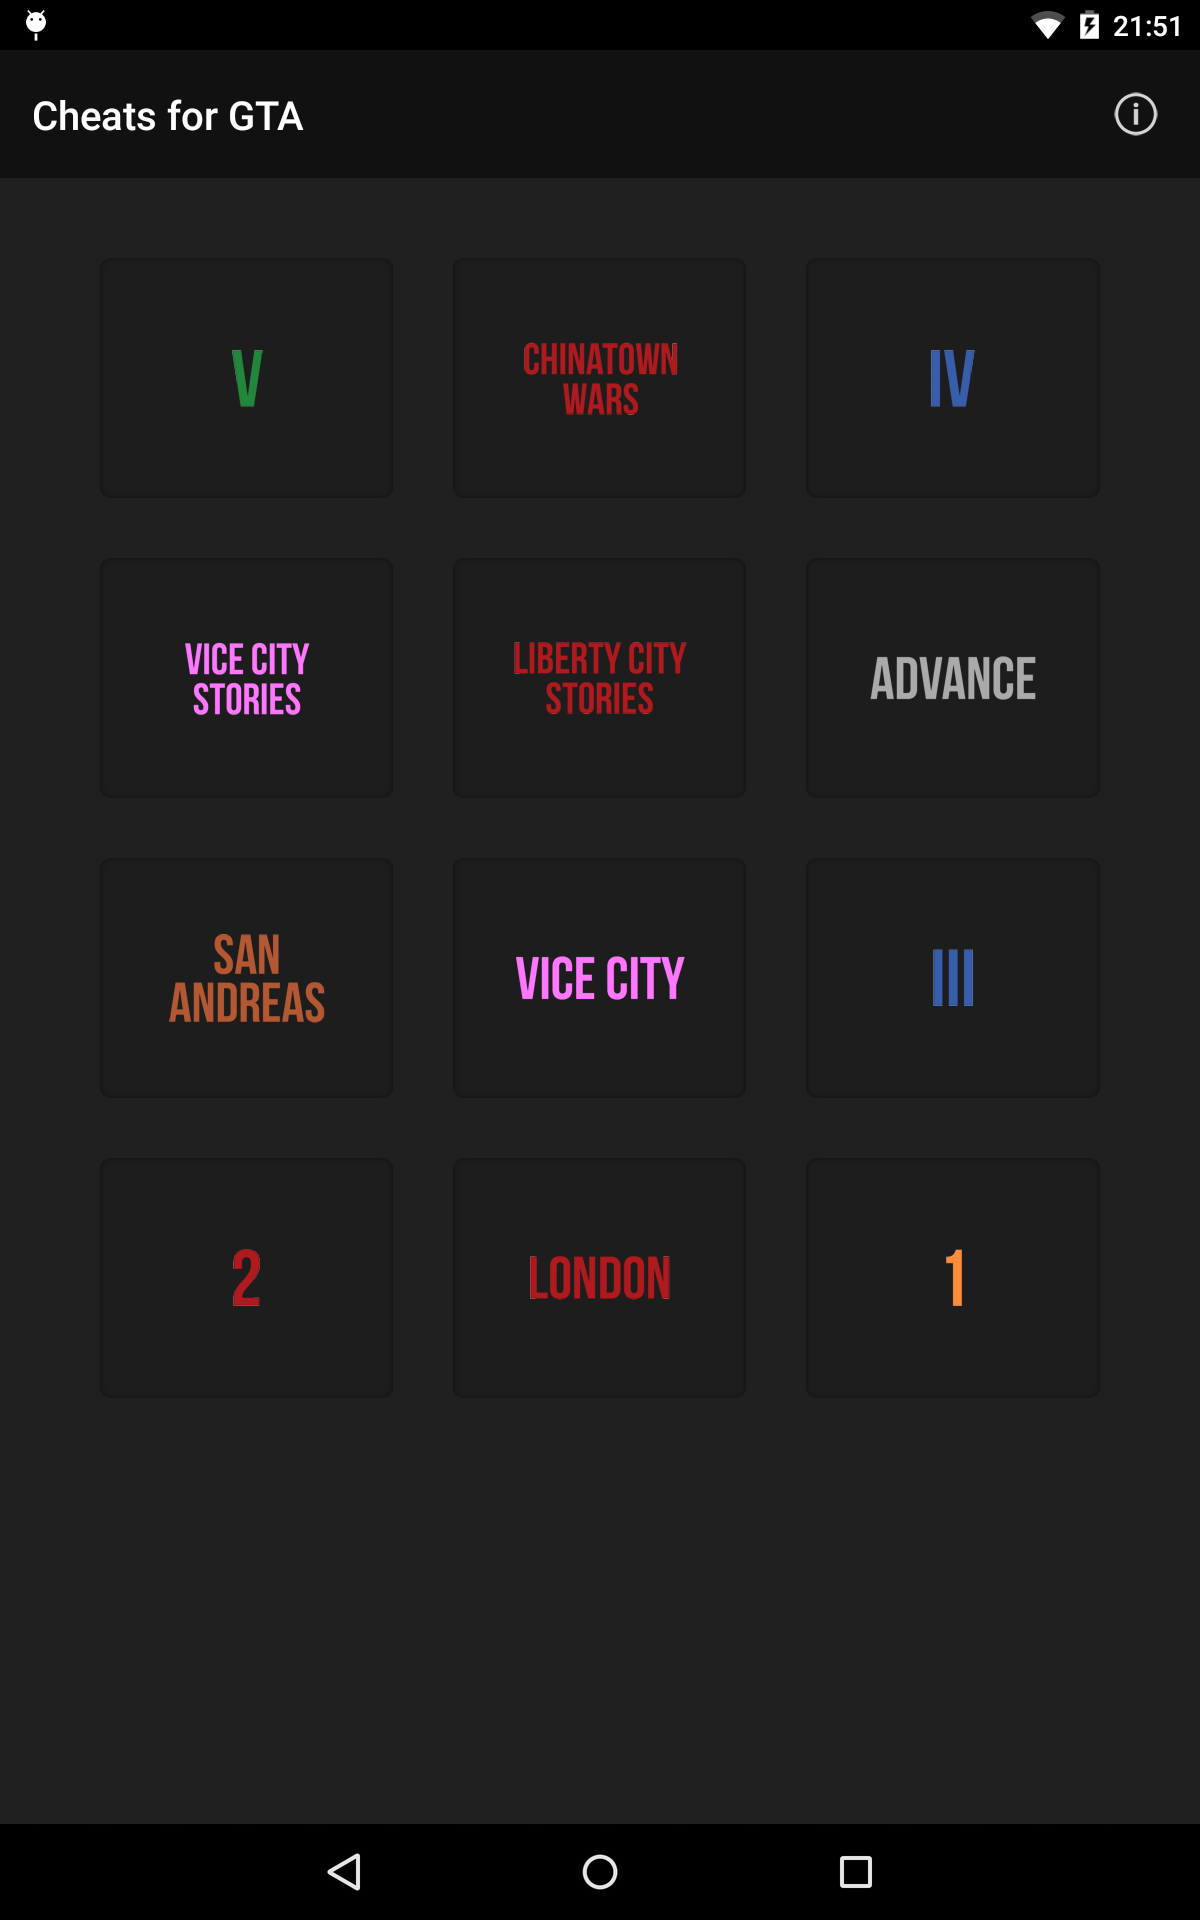 Cheats for GTA - Trucos para todos los juegos de Grand Theft Auto: Amazon.es: Appstore para Android